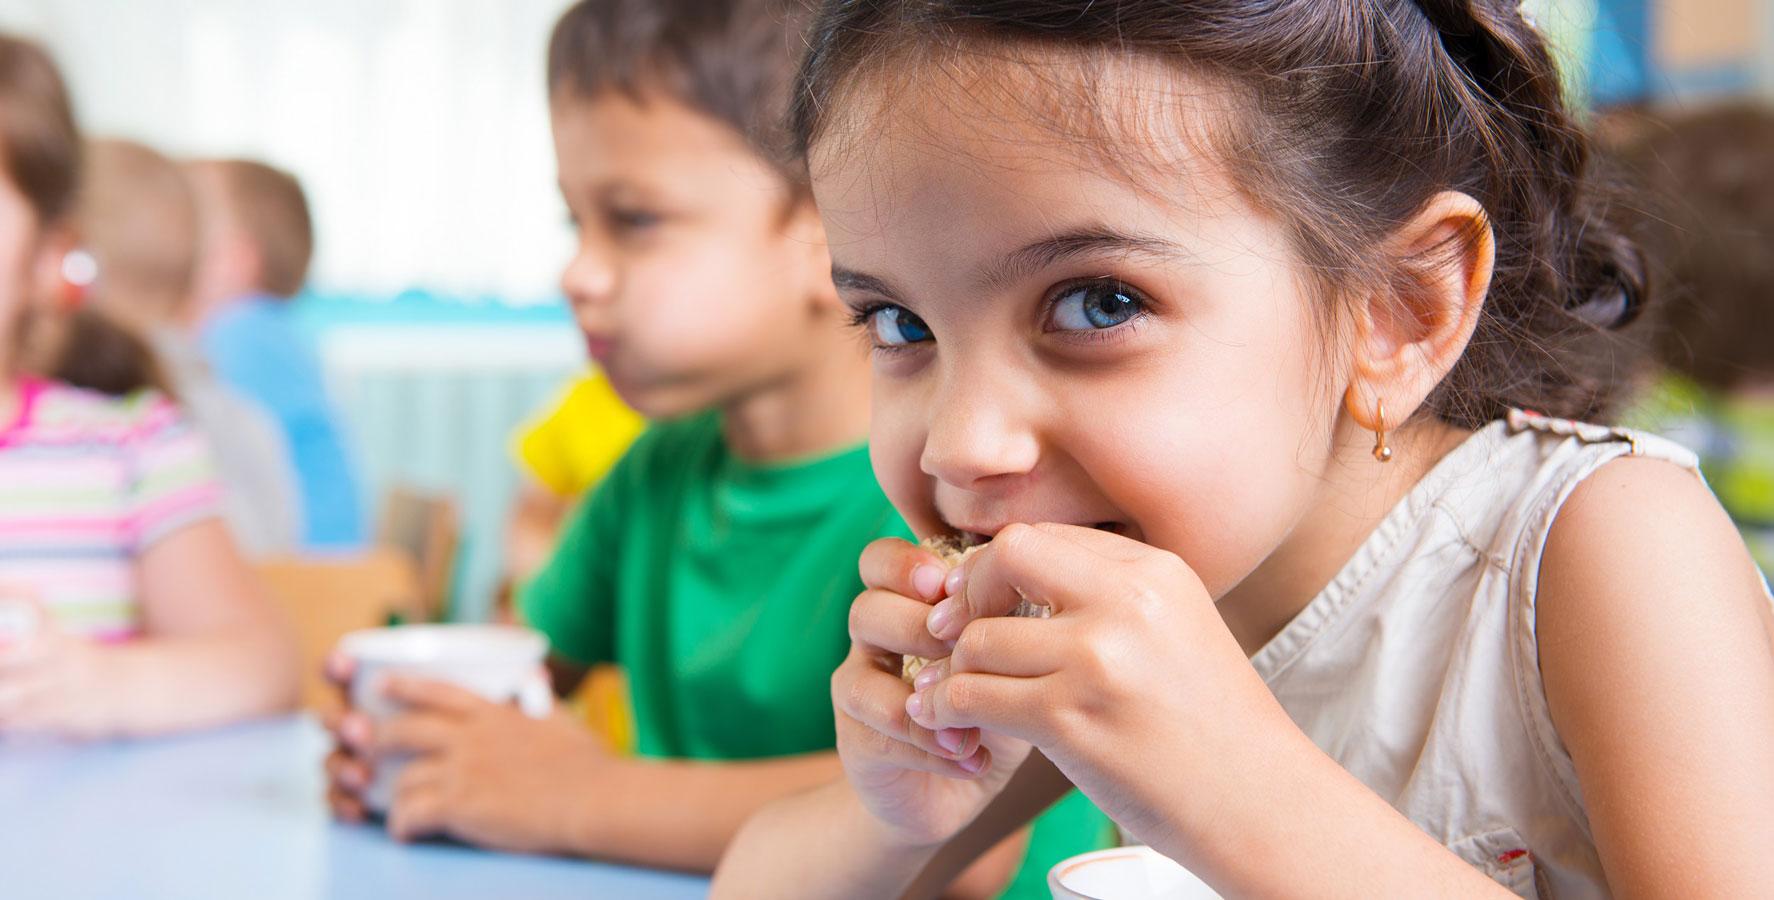 Çölyak Çocuklarda Büyüme Geriliğine Sebep Olabilir